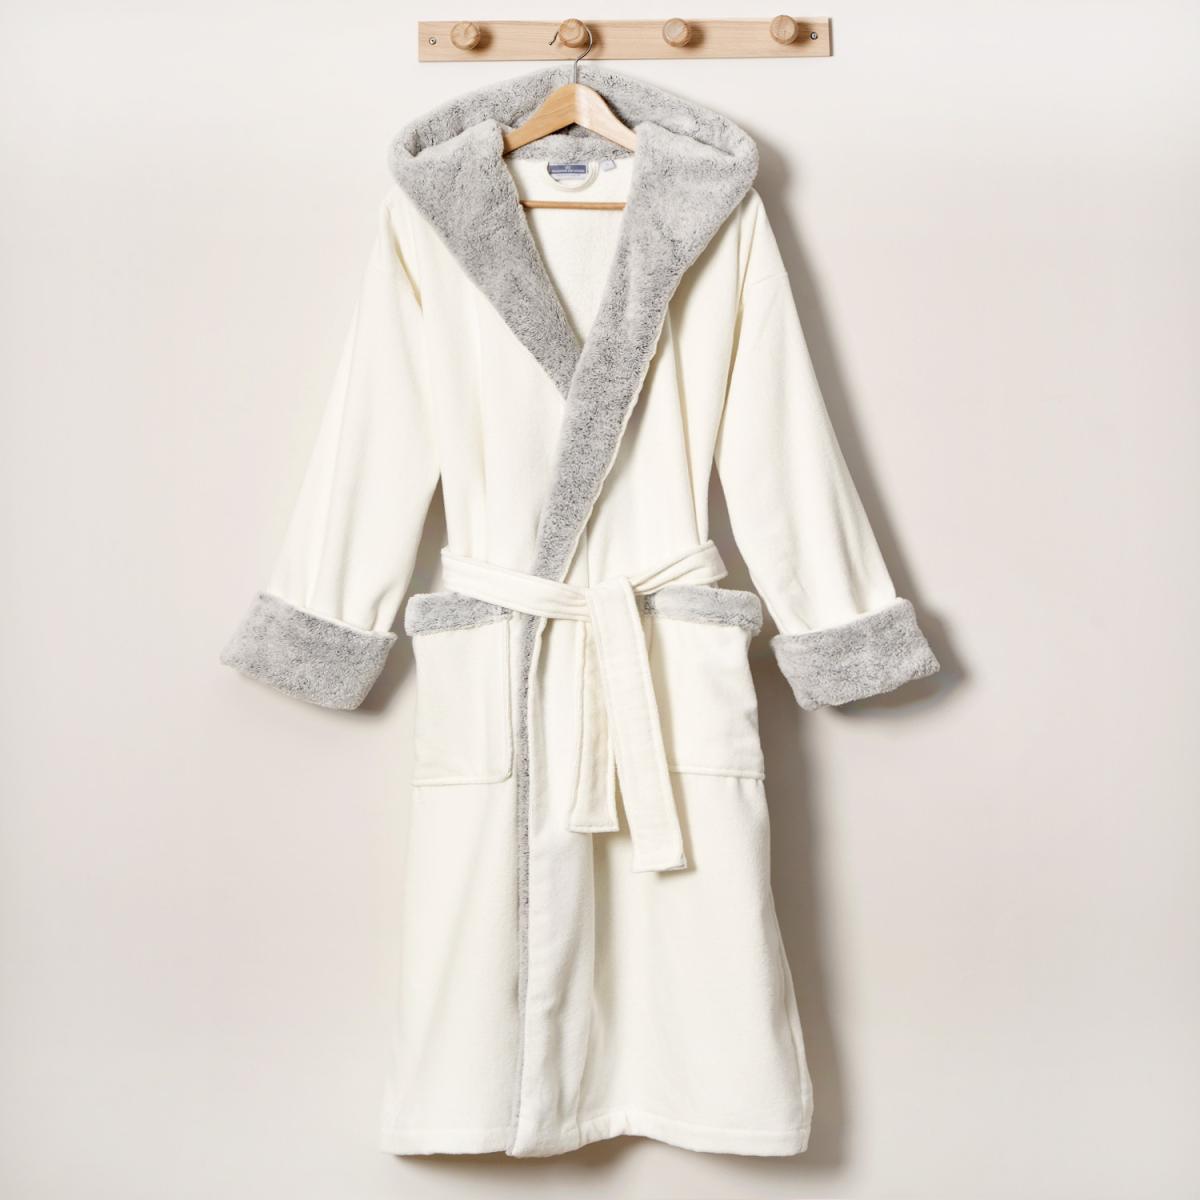 Bathrobe Baltique | Bed linen | Tradition des Vosges